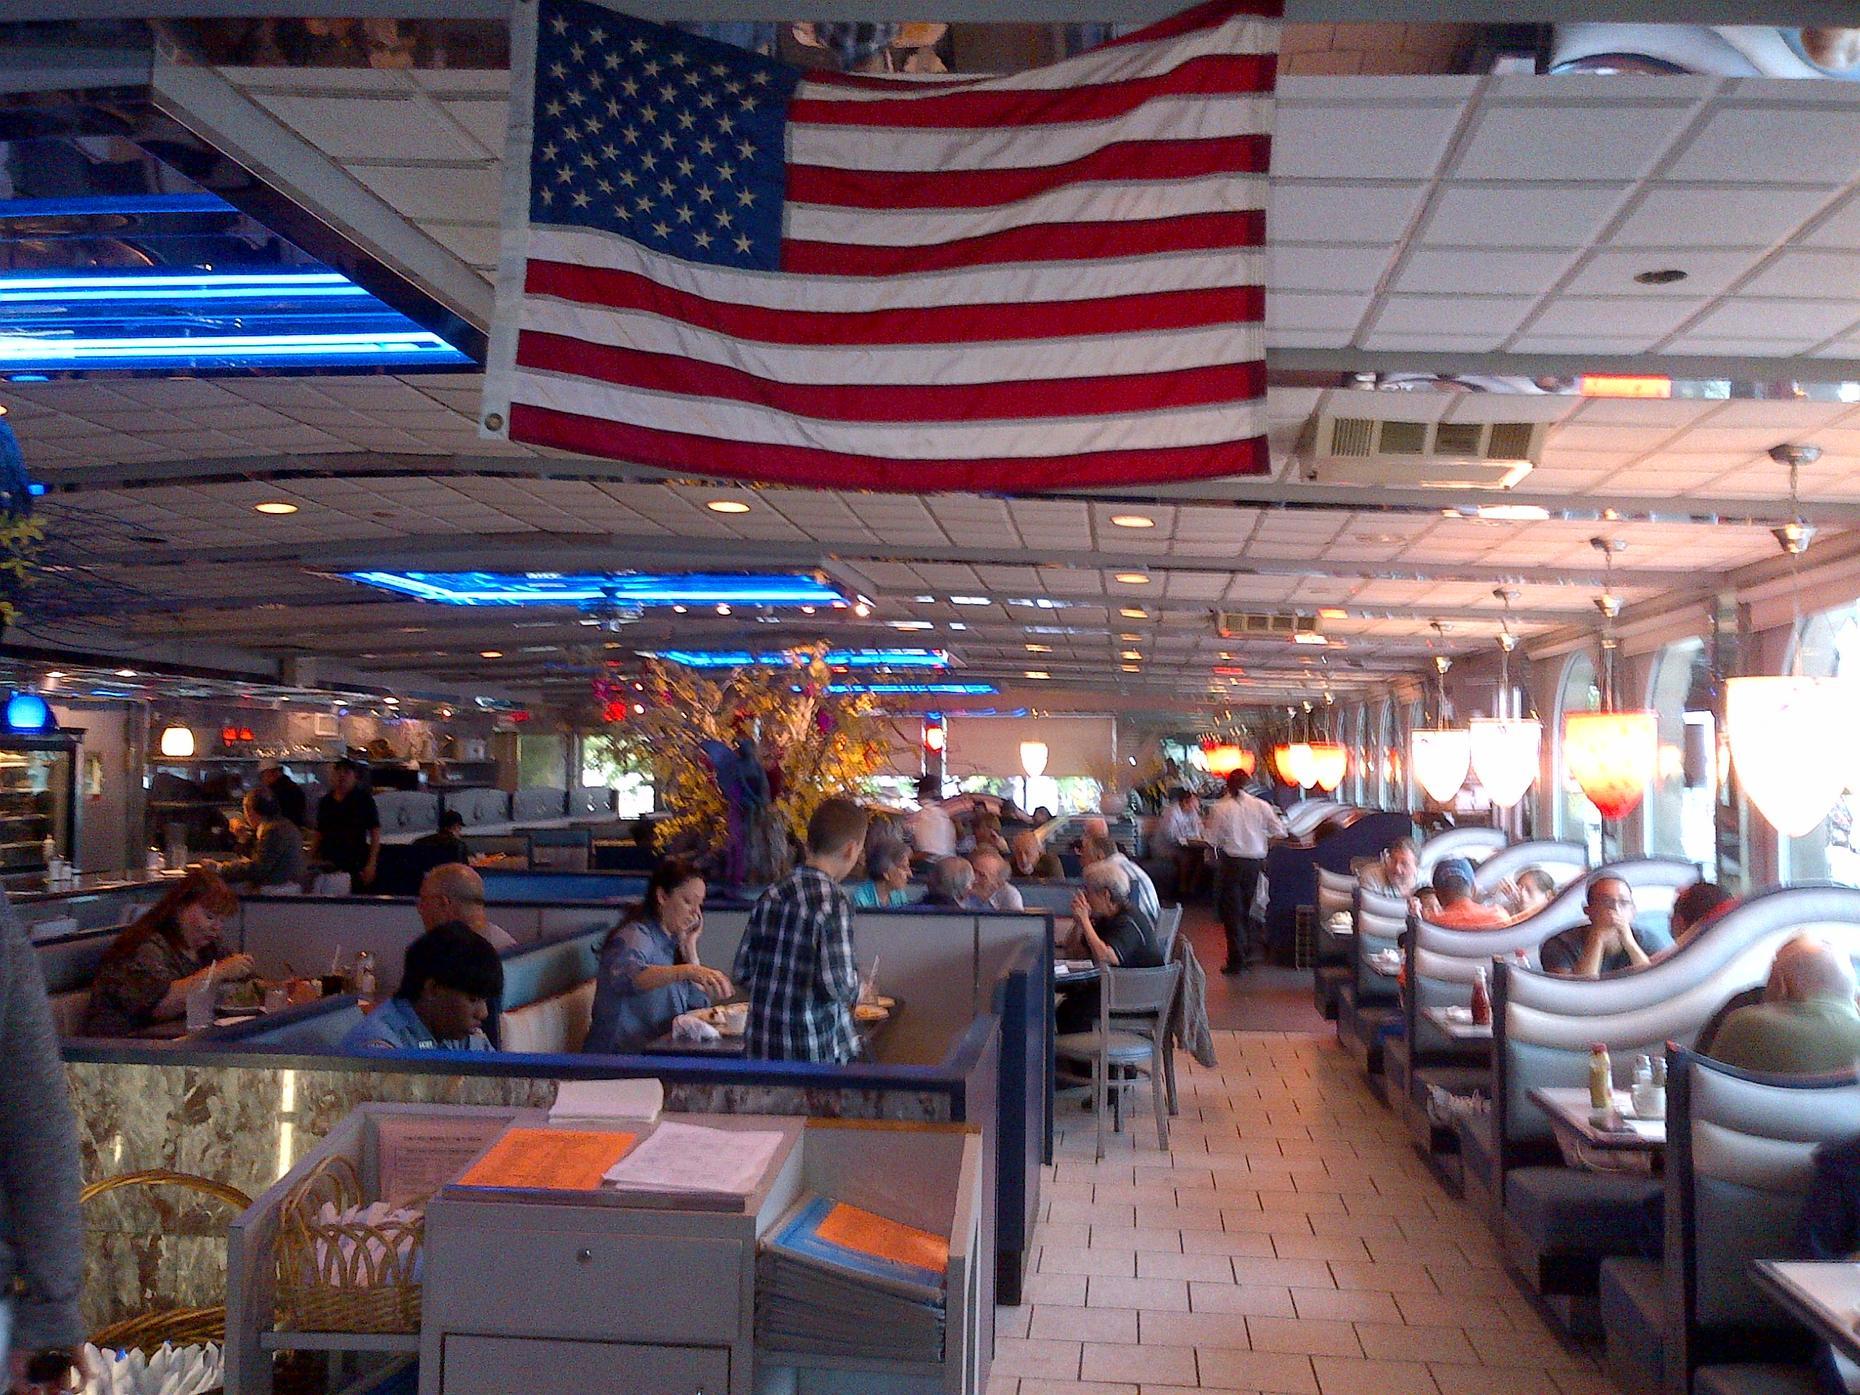 El Greco Diner in Sheepshead Bay